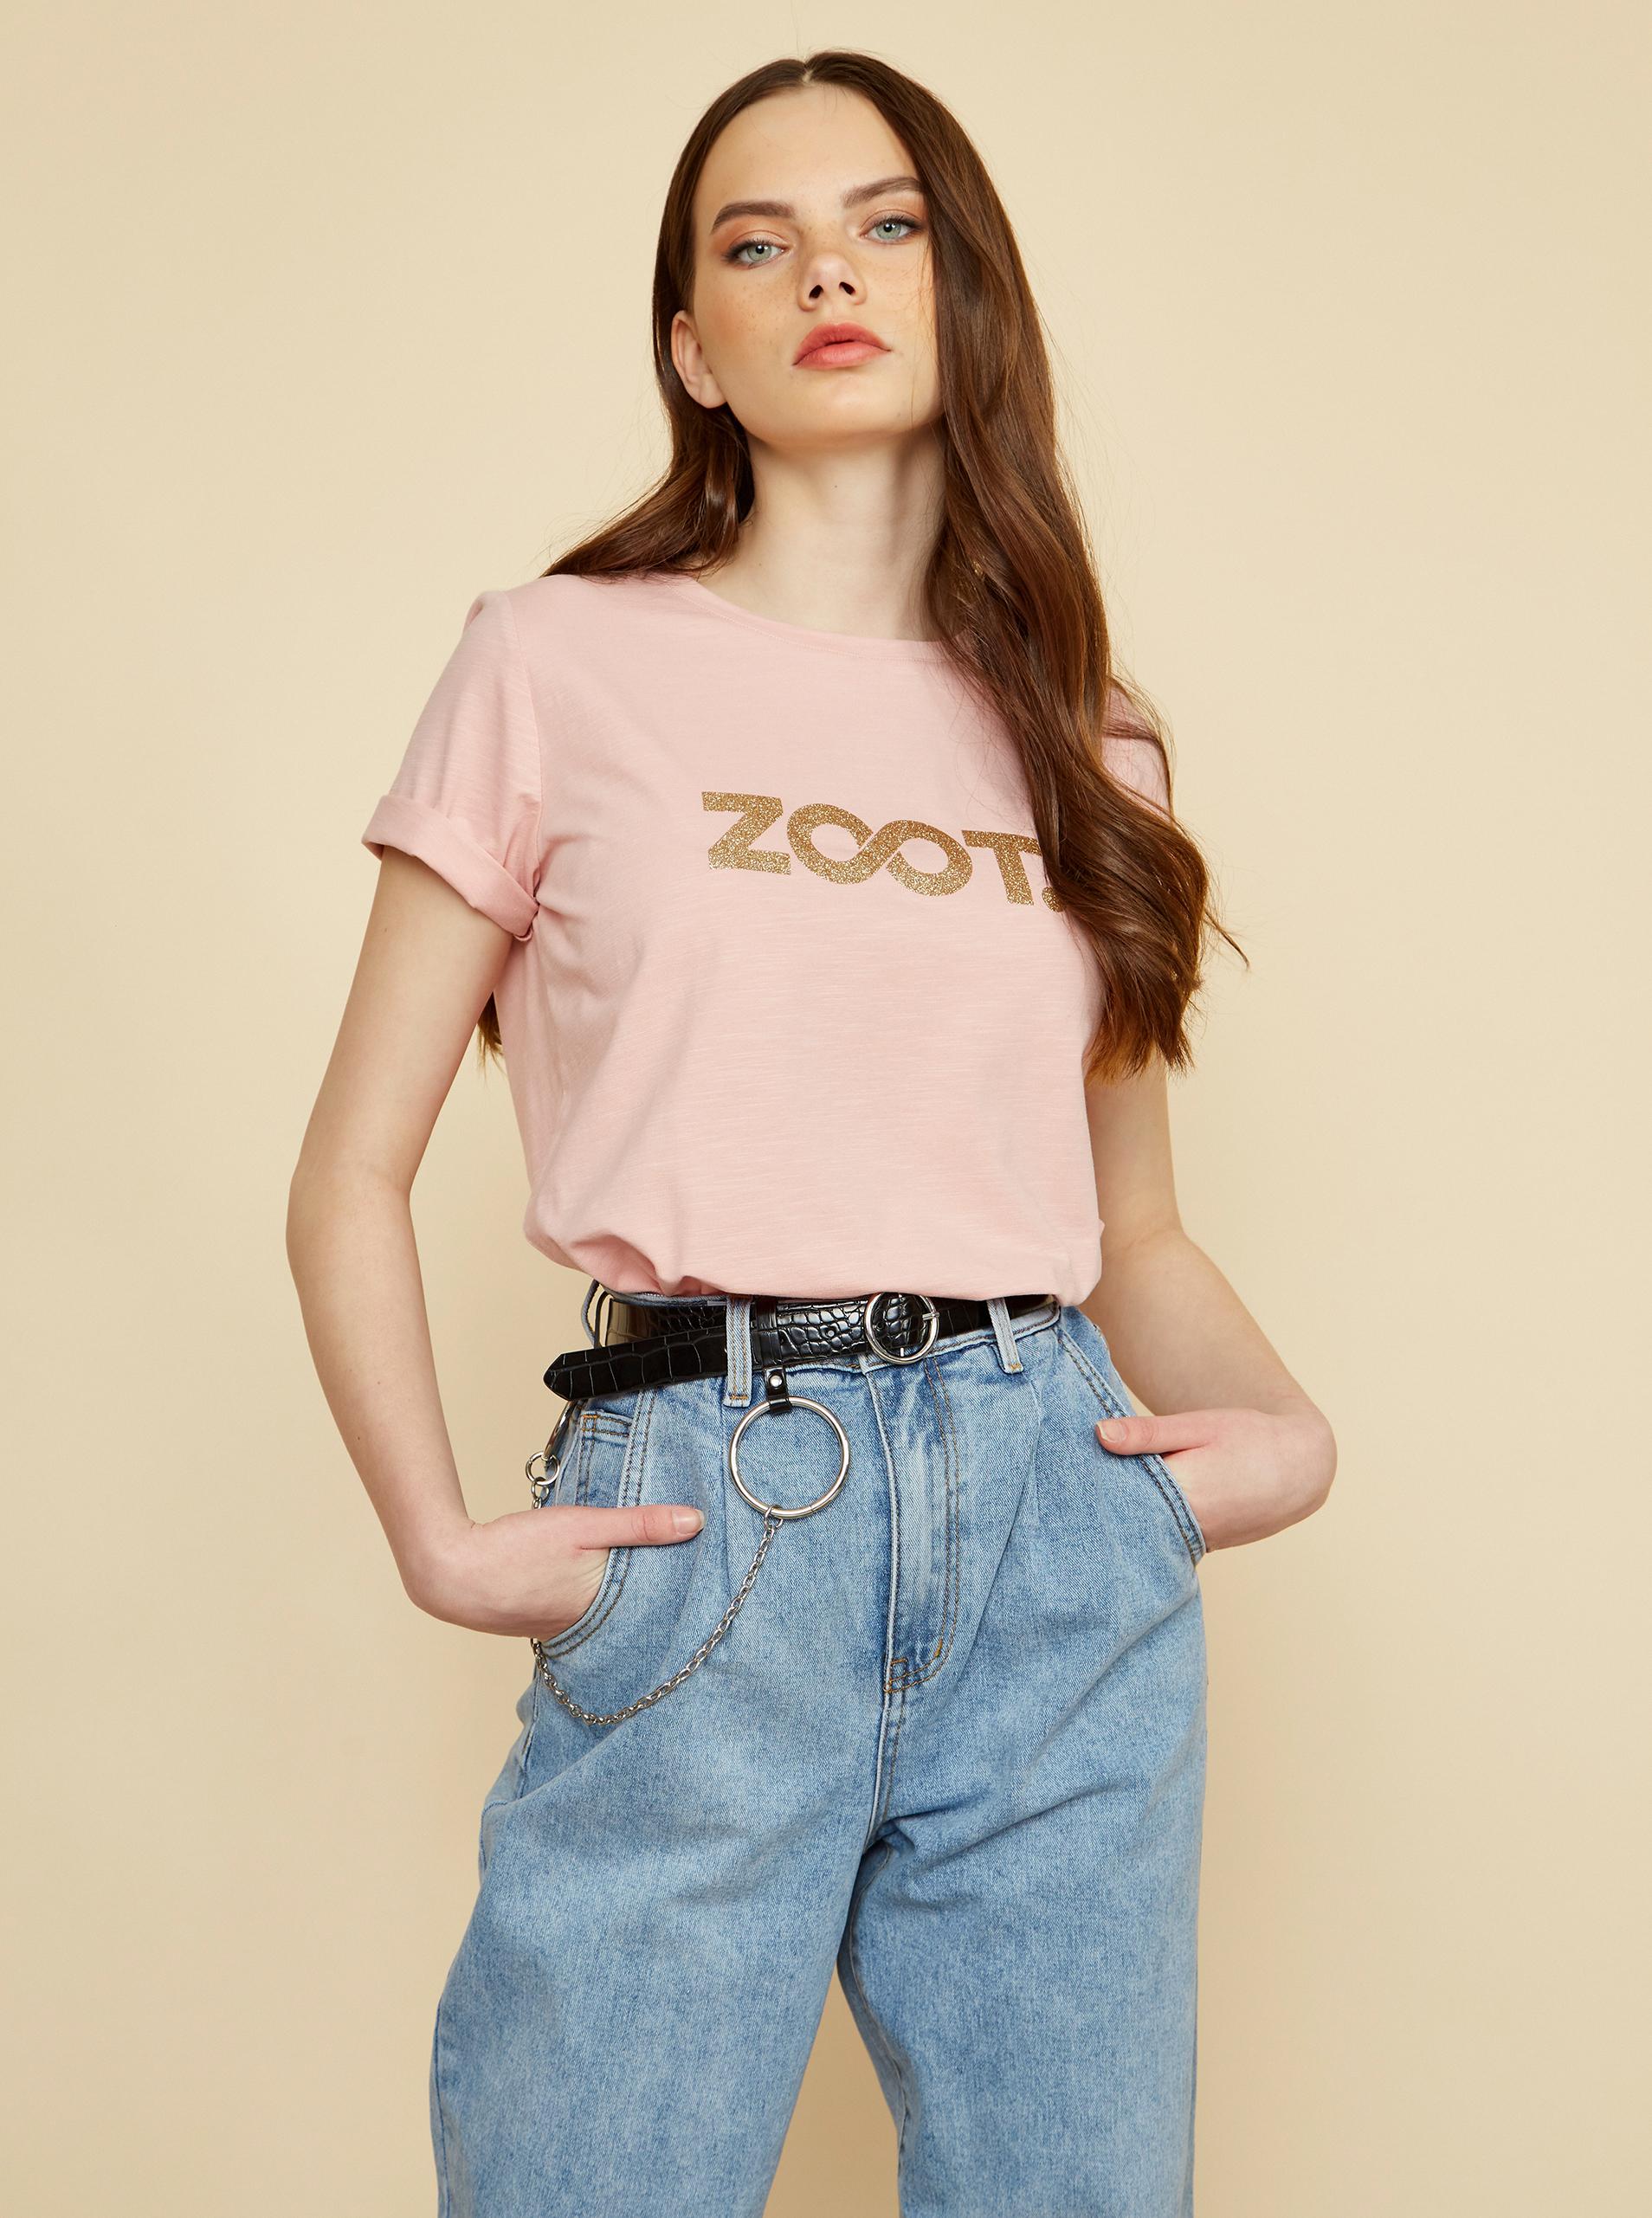 ZOOT ružové dámske tričko Lucy s potlačou - XL